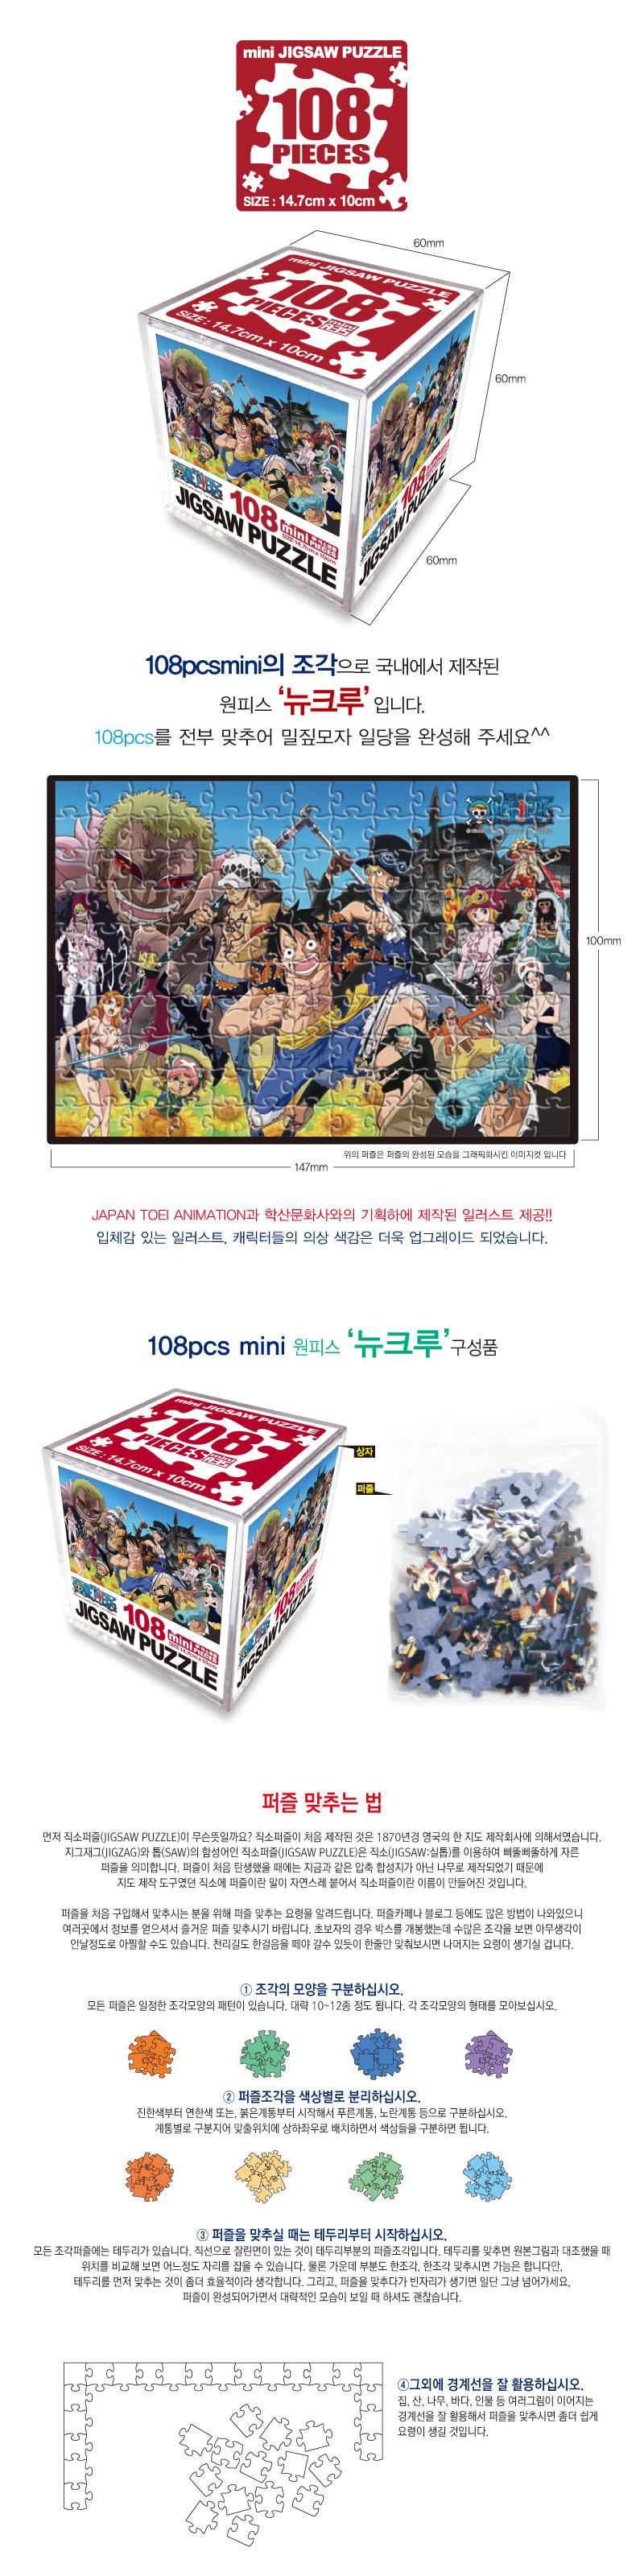 원피스 큐브 직소퍼즐 108pcs 뉴크루 - 학산직소퍼즐, 5,000원, 조각/퍼즐, 만화/애니 직소퍼즐